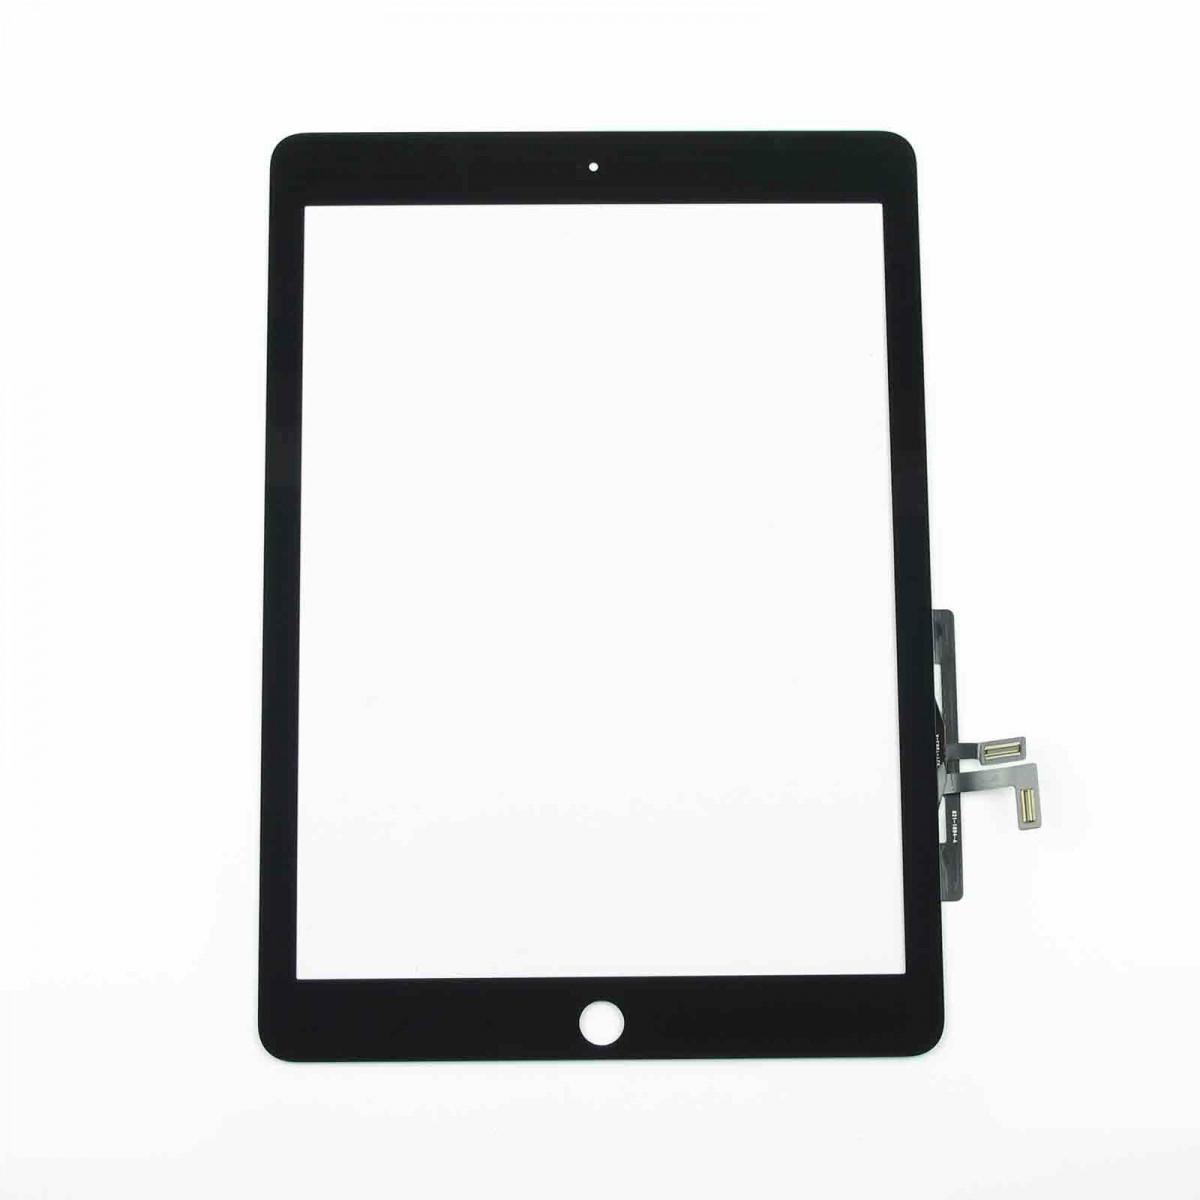 Сенсорный экран (тачскрин) планшет iPad Air | iPad 5 | iPad 9,7 (2017) | A1822 | A1823 с шлейфом, чёрный ориг